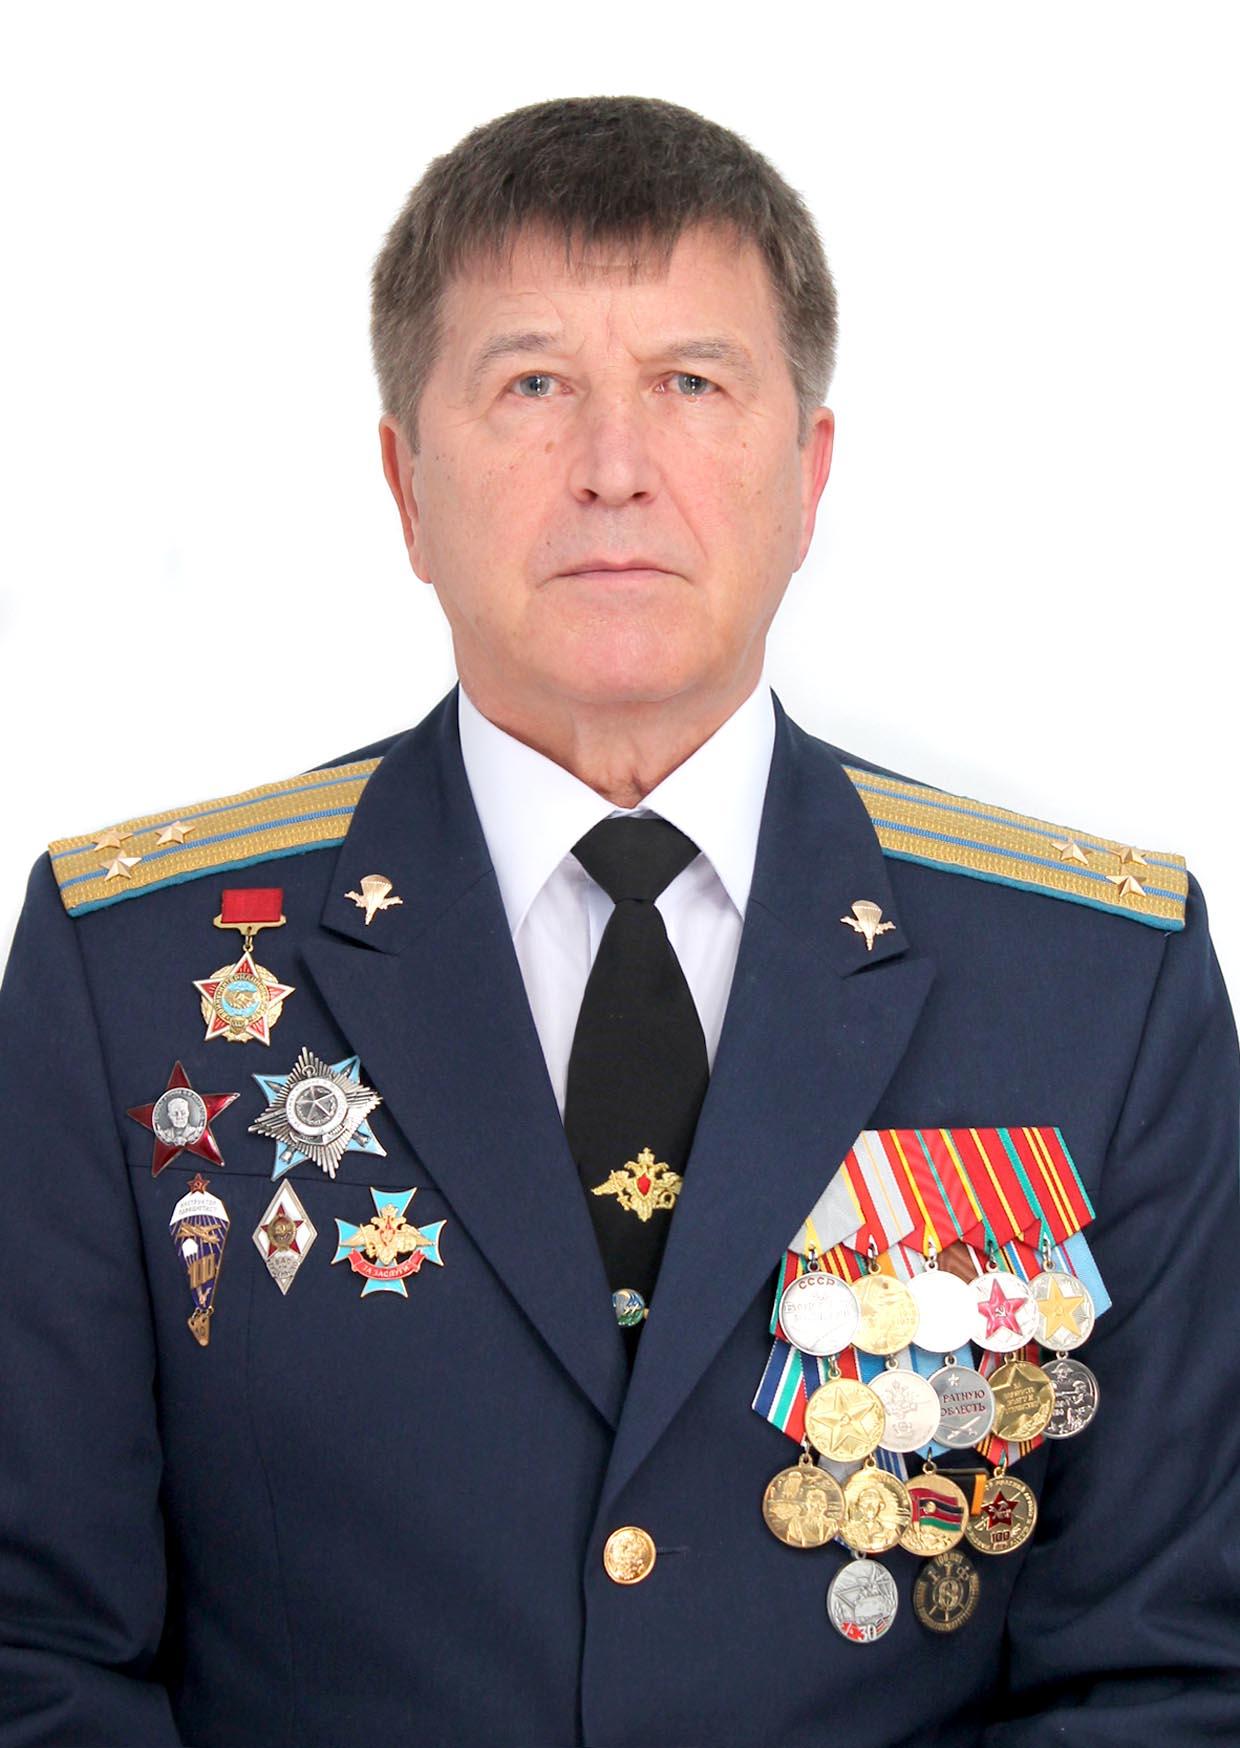 Член Центрального Совета «Союза десантников России» Спиридонов А. Н.